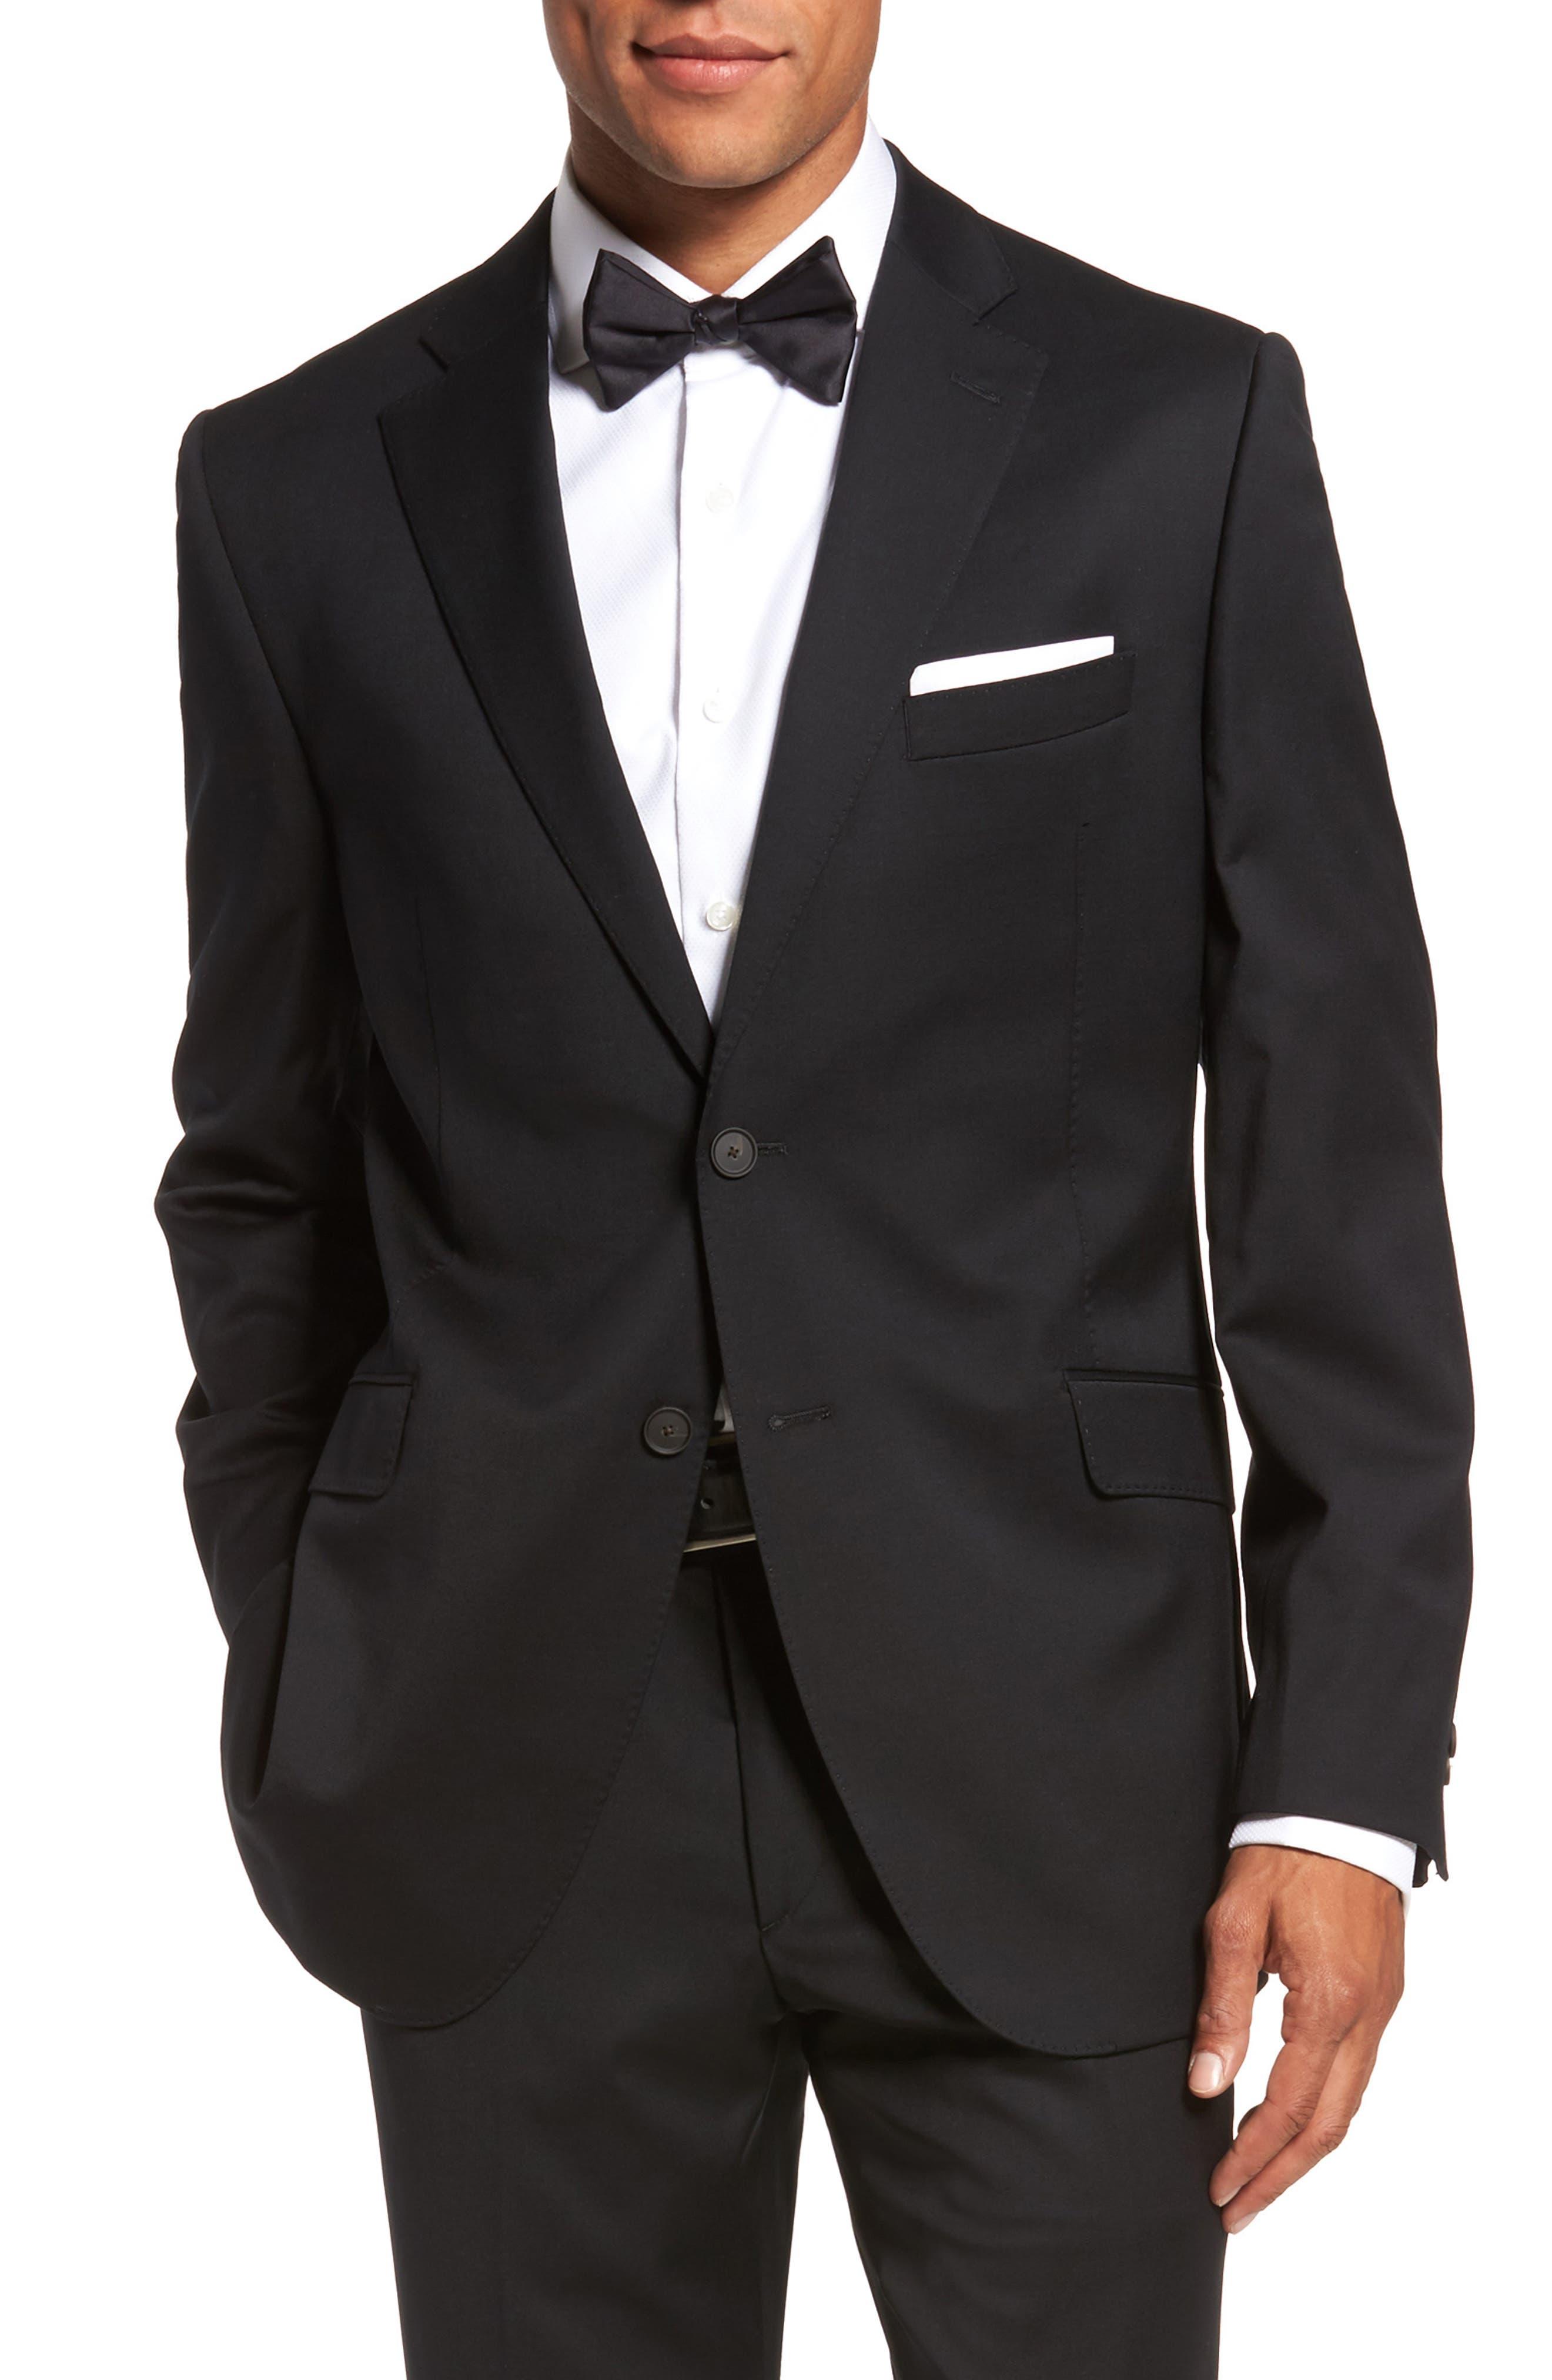 Keidis Aim Classic Fit Stretch Wool Suit,                             Alternate thumbnail 5, color,                             Black